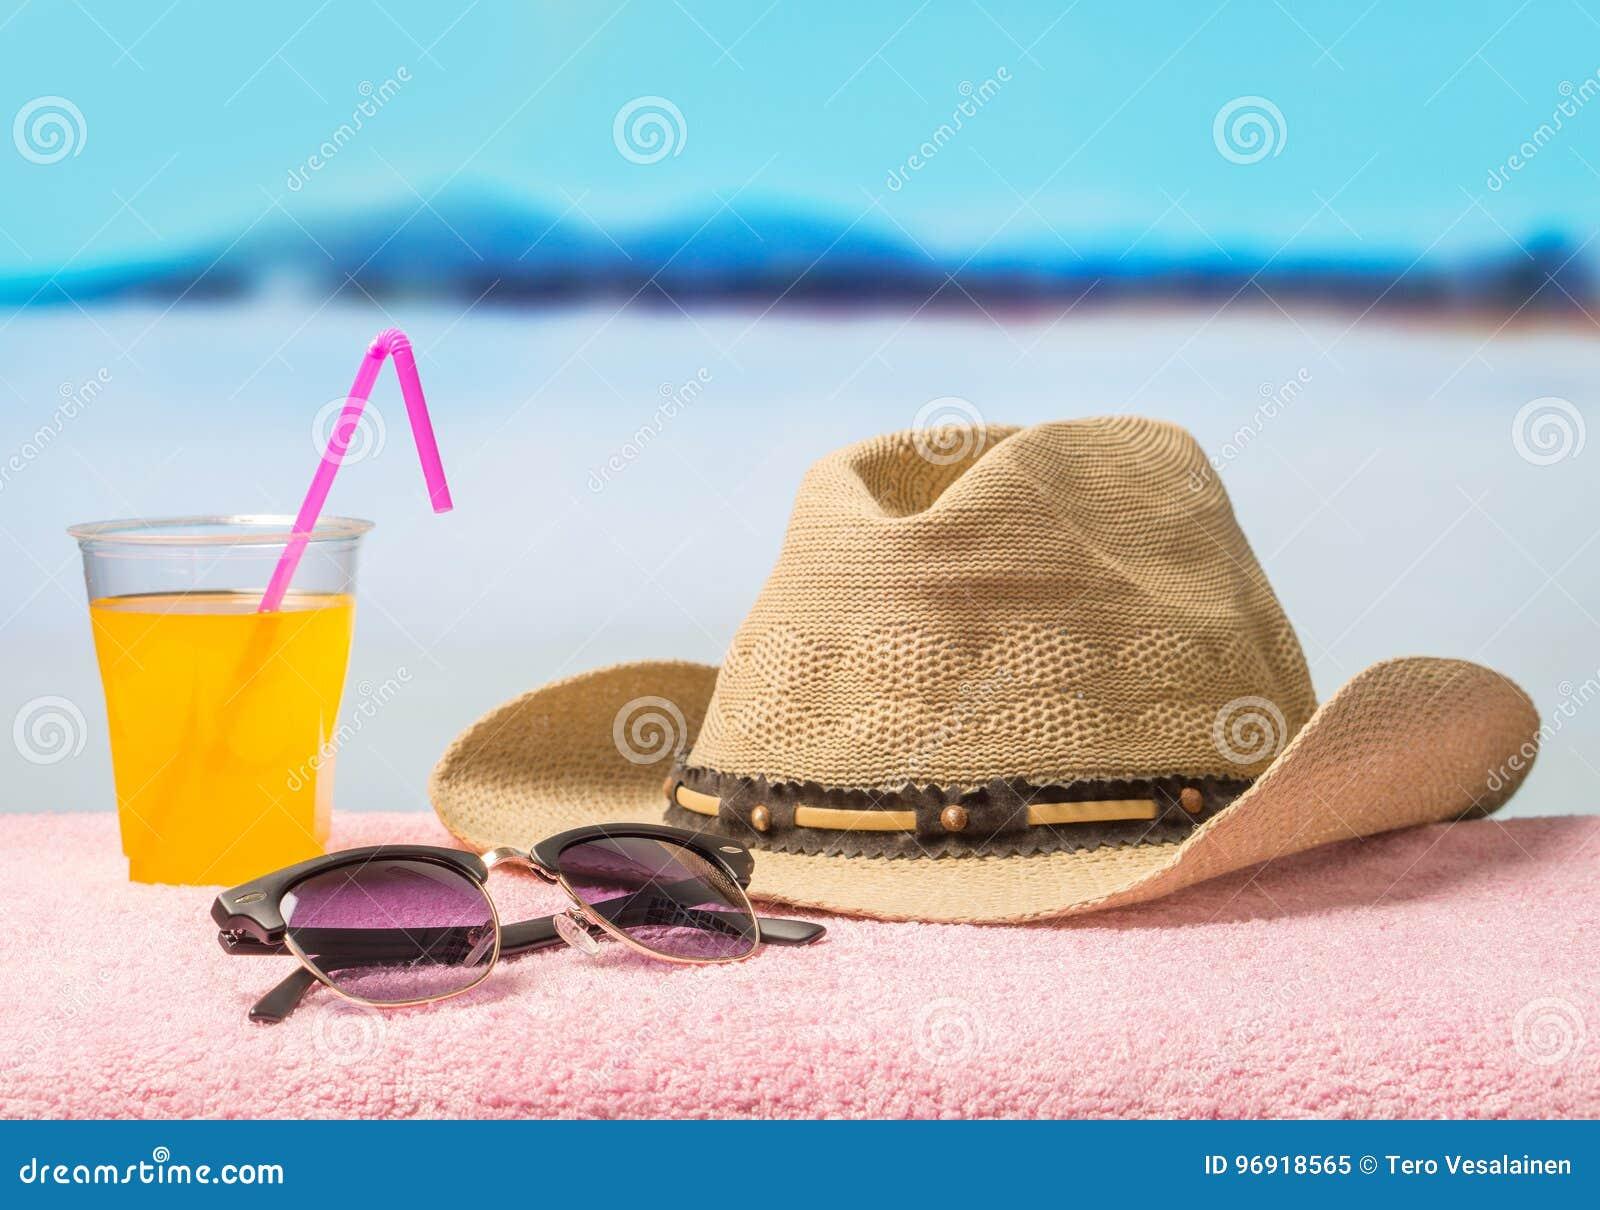 Urlaubsabenteuer- und Sommerferienkonzept mit wesentlicher Ausrüstung Geströmter Hut, Sonnenbrille und gelbes köstliches Getränk